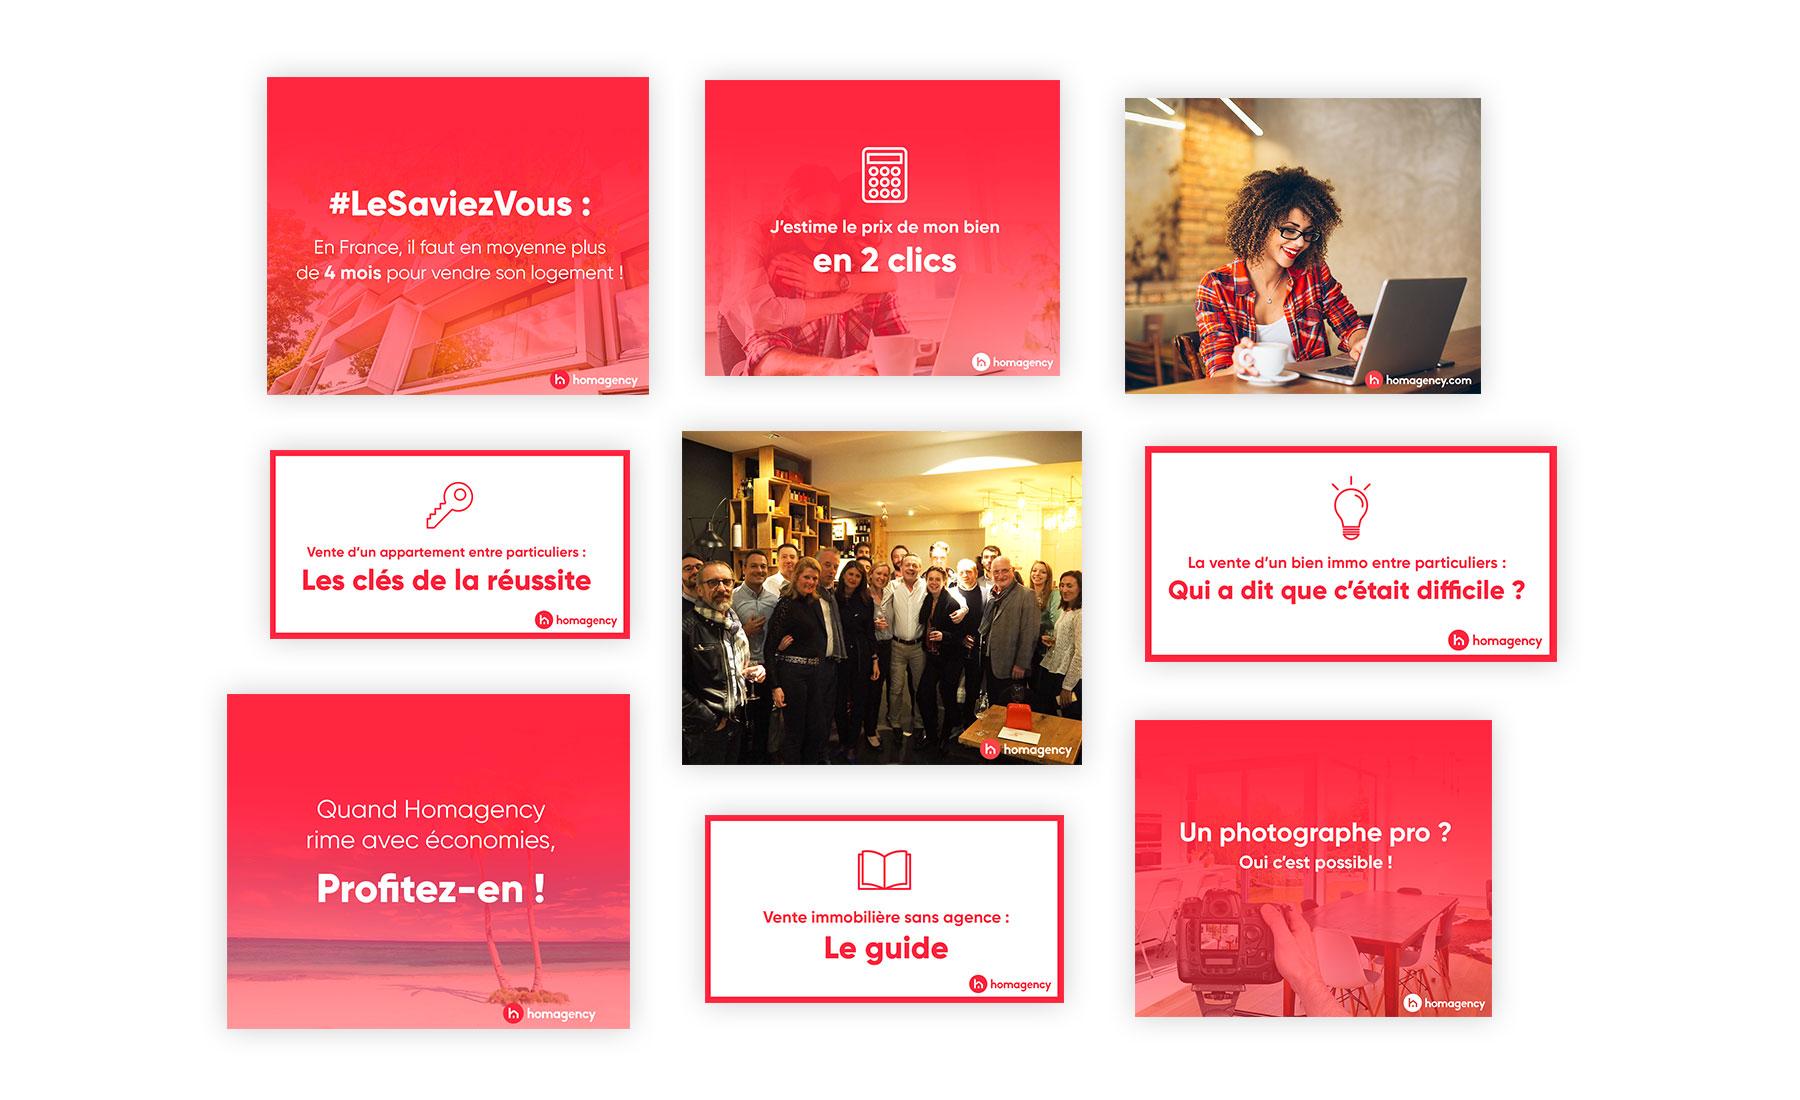 Hoamagency - gestion des réseaux sociaux par Agence Sharing